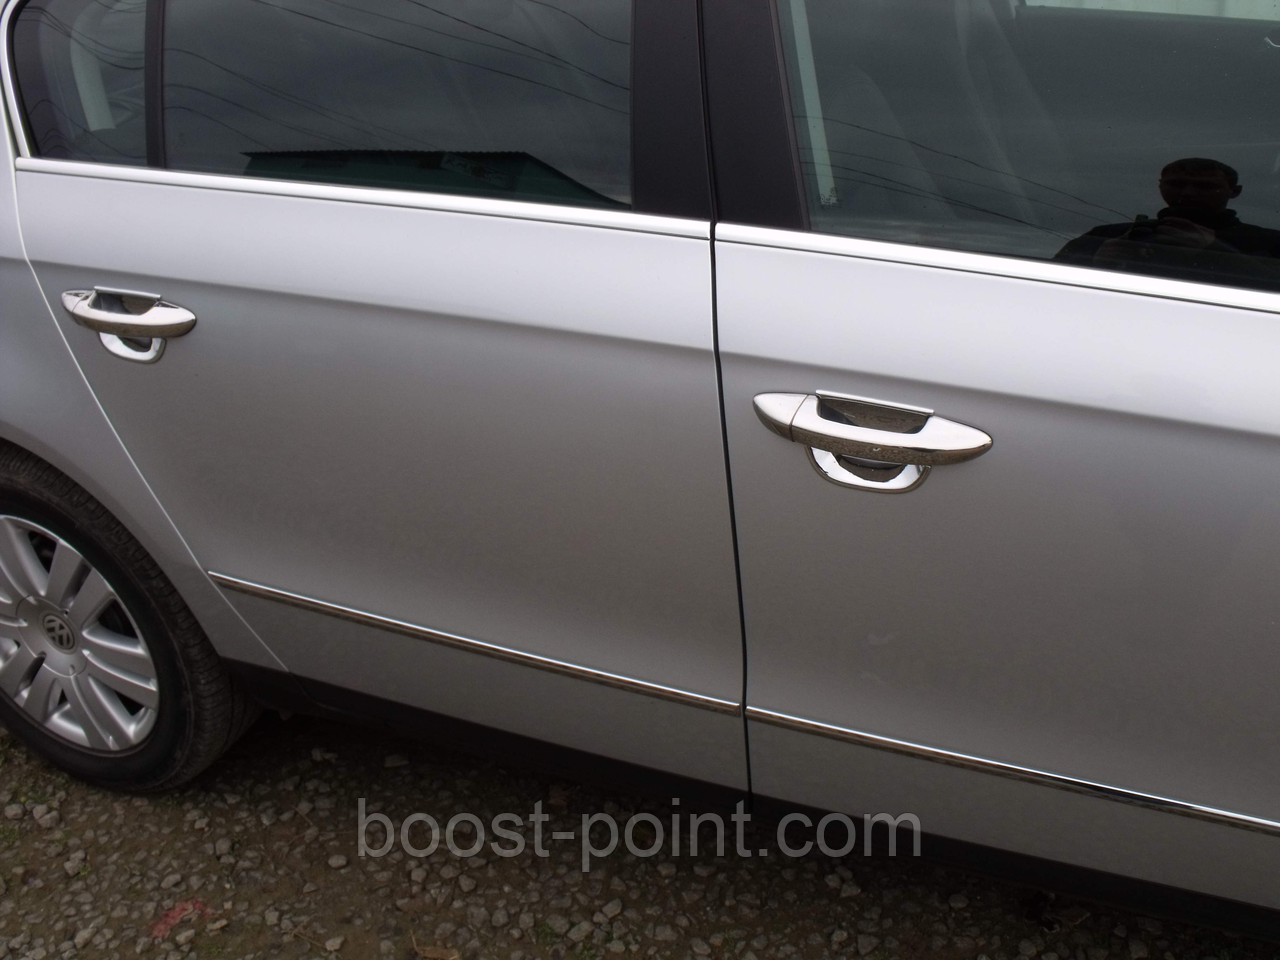 Хром накладки на дверные ручки (нерж) Volkswagen passat b7 (фольксваген пассат б7) 2010г+